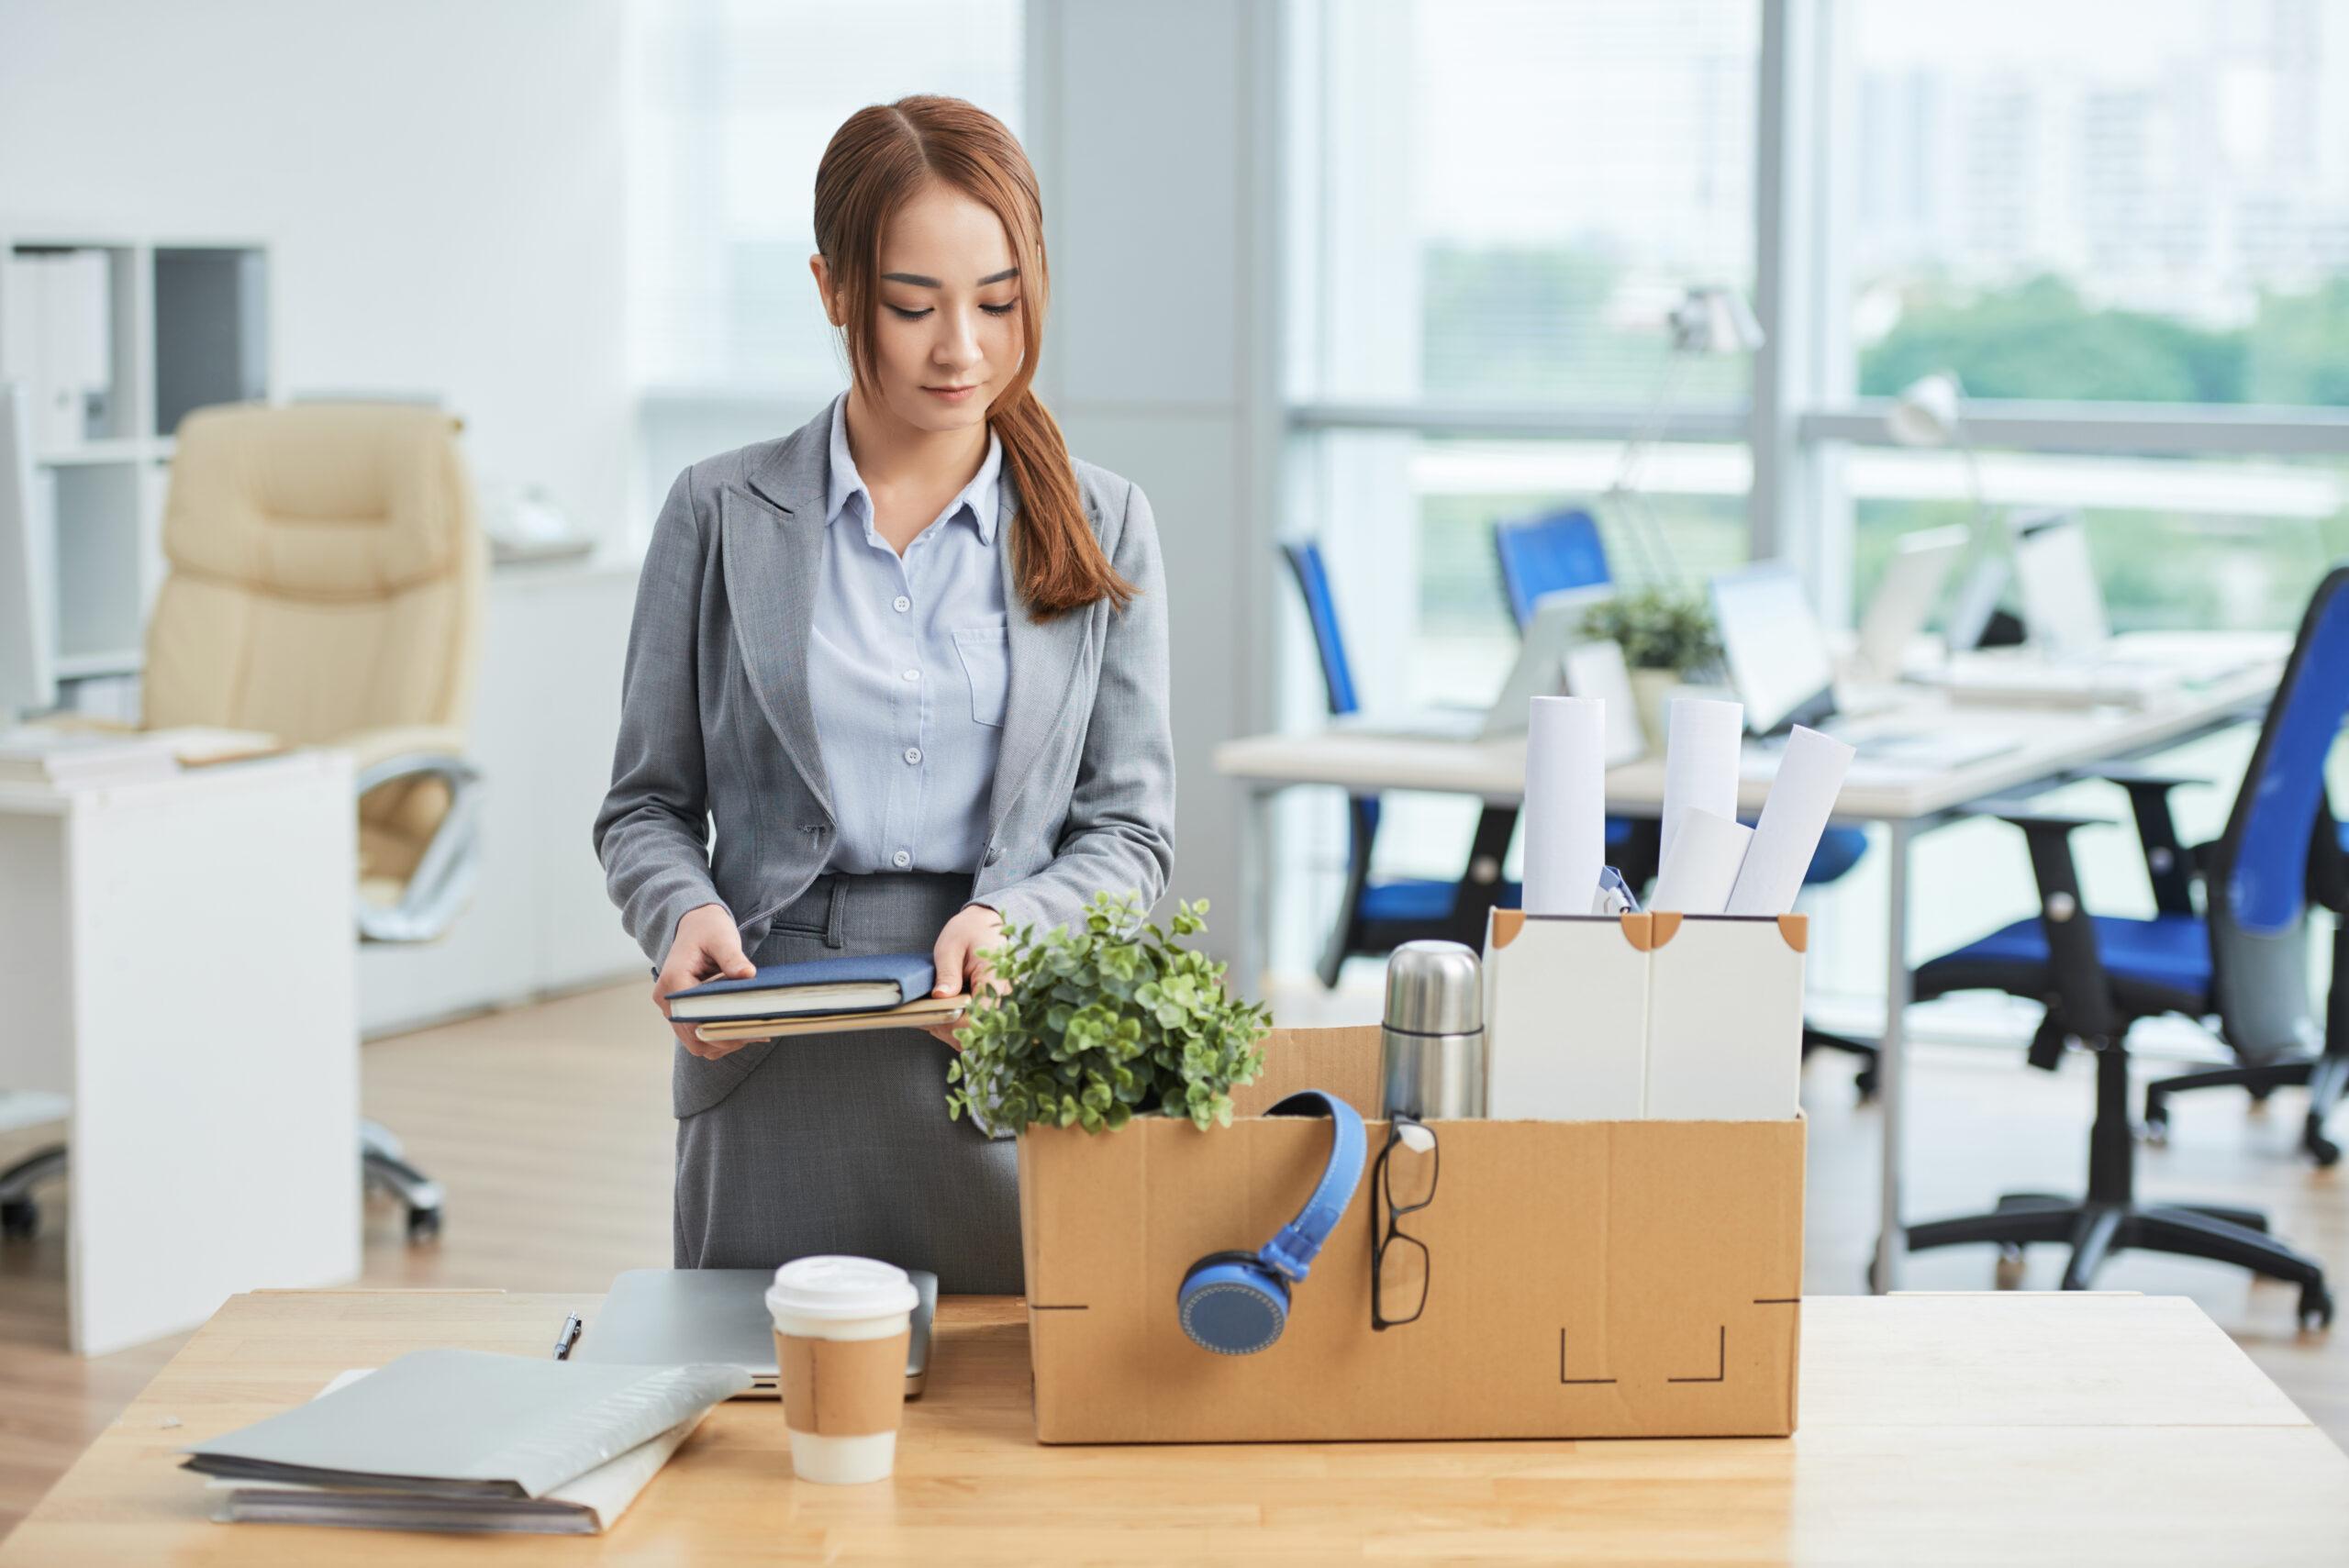 Mulher em guardando itens do trabalho